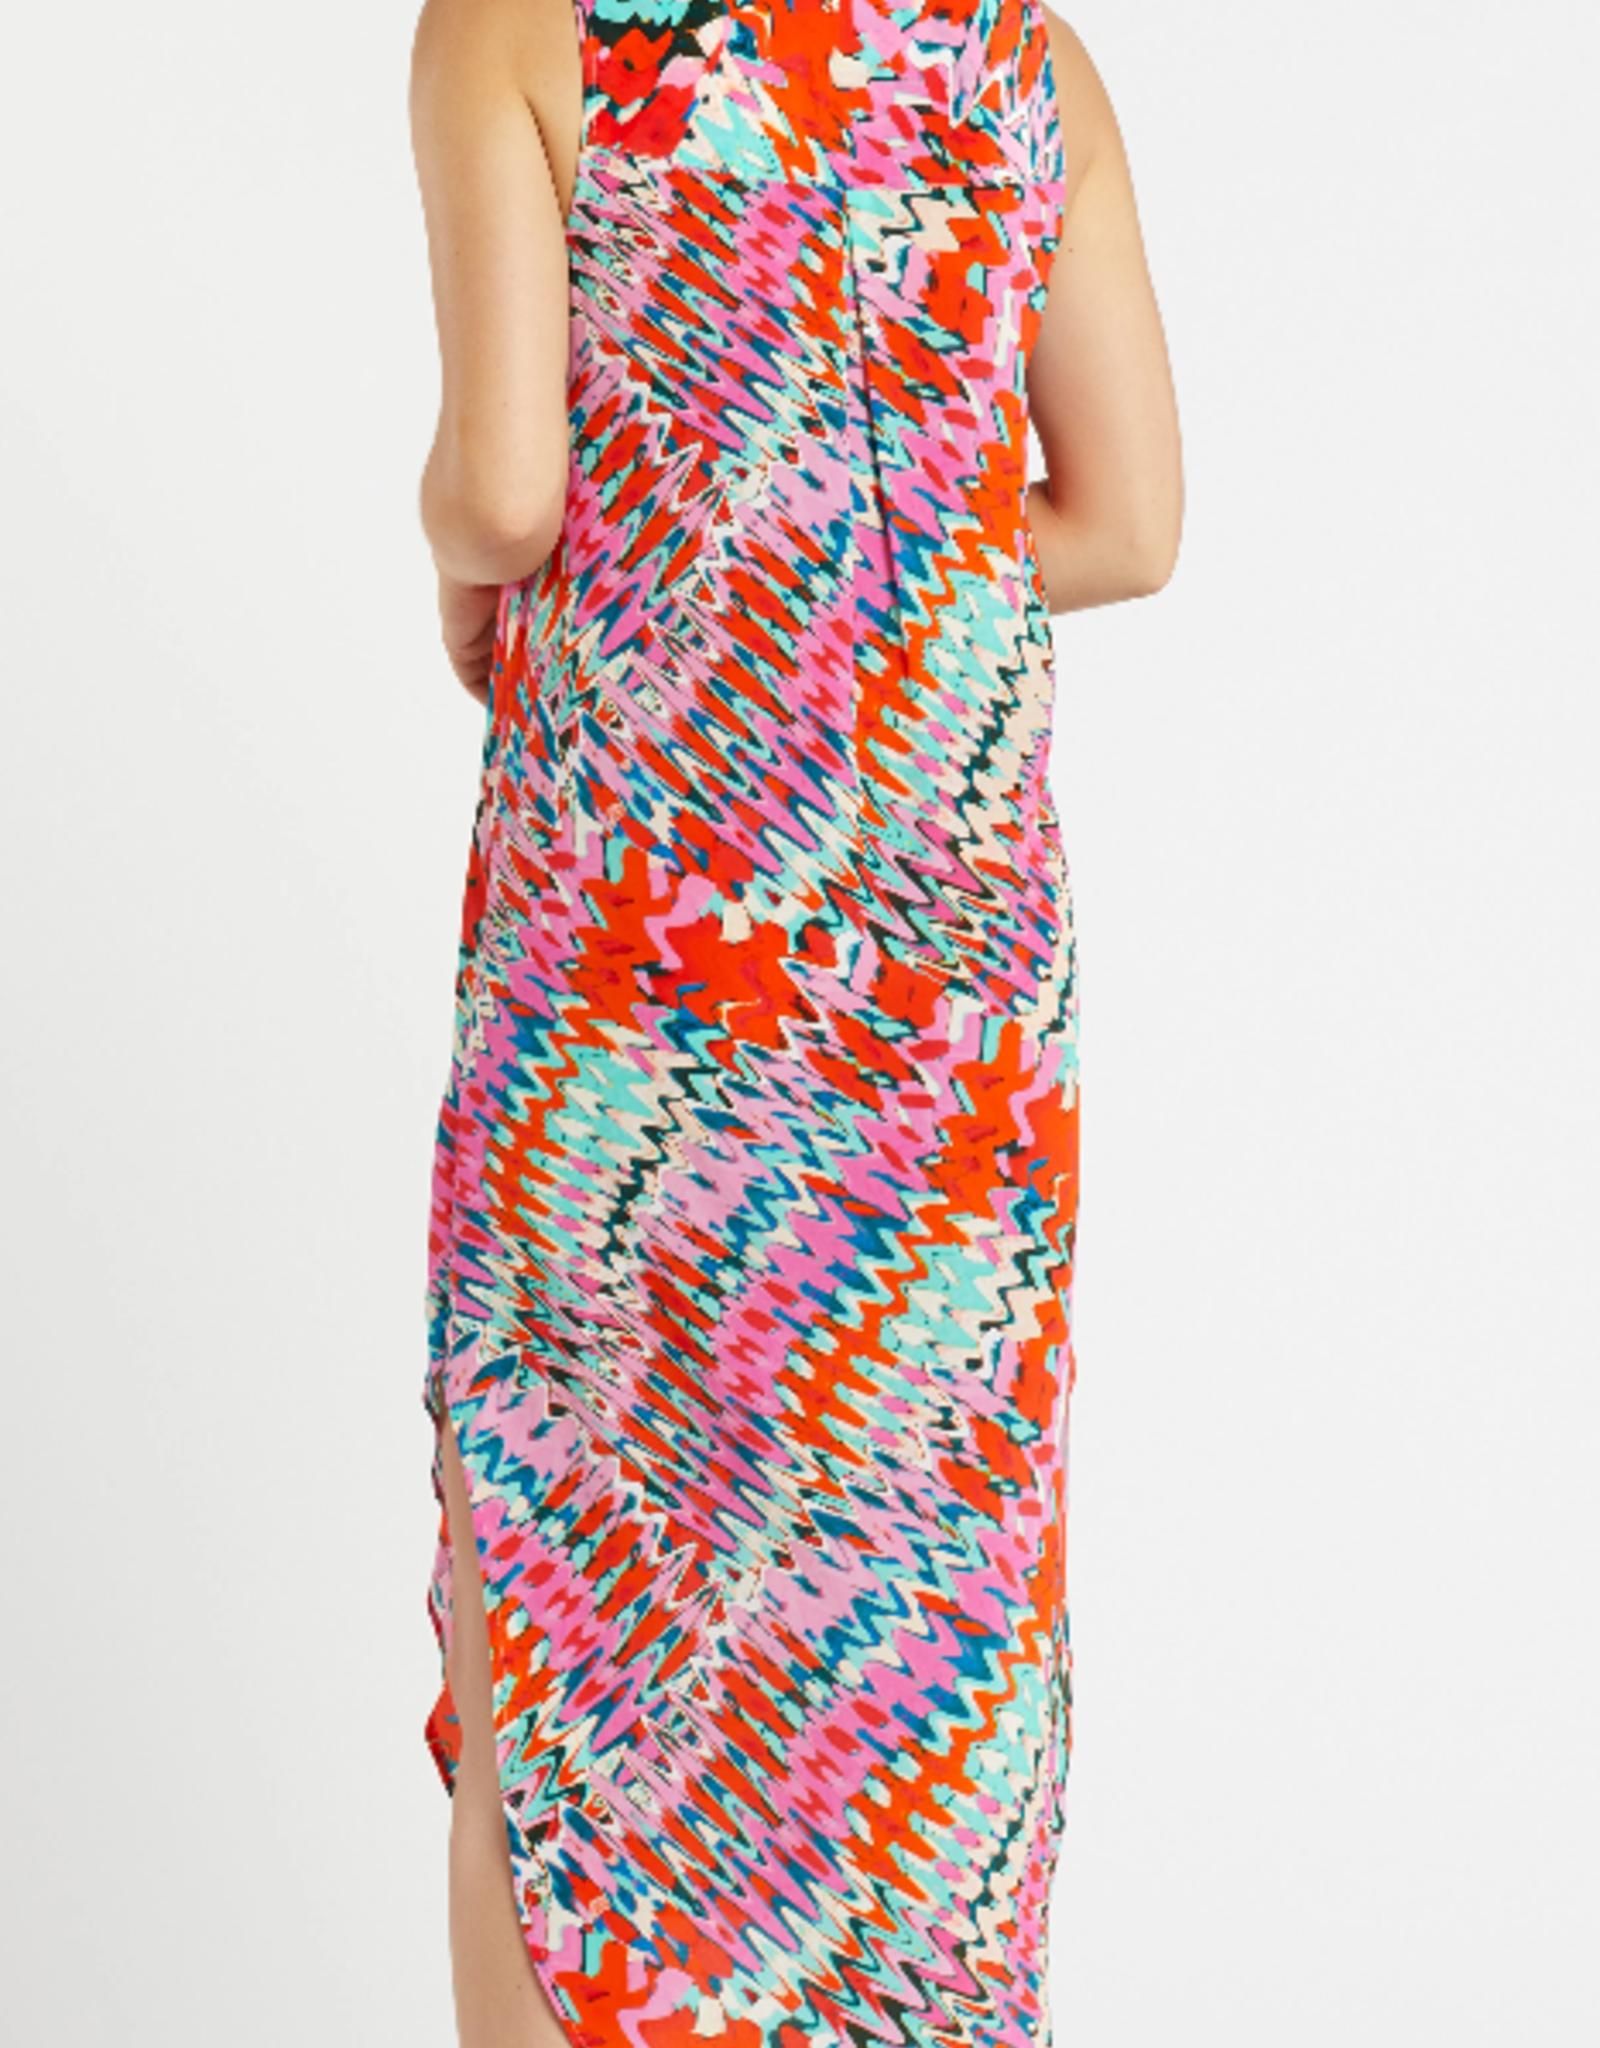 MARIE OLIVER ELLIS DRESS